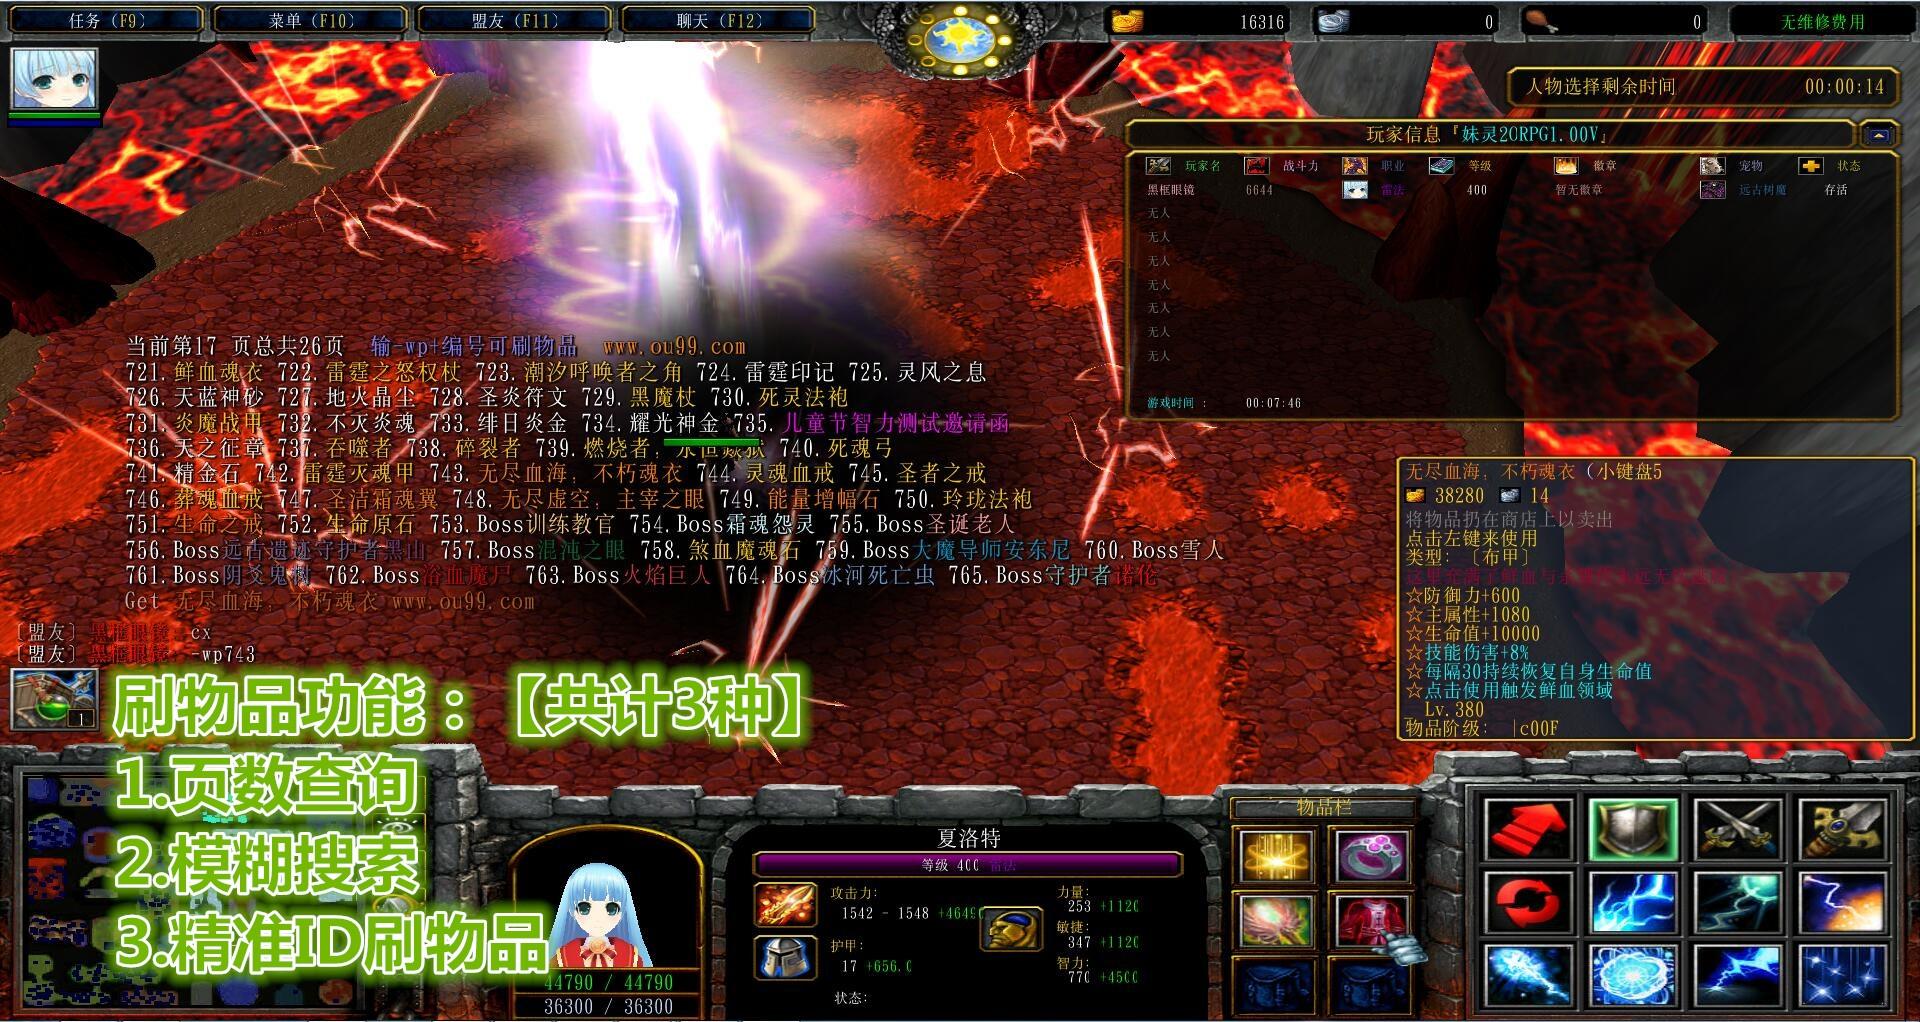 妹灵ⅡORPG1.00V黑式破解